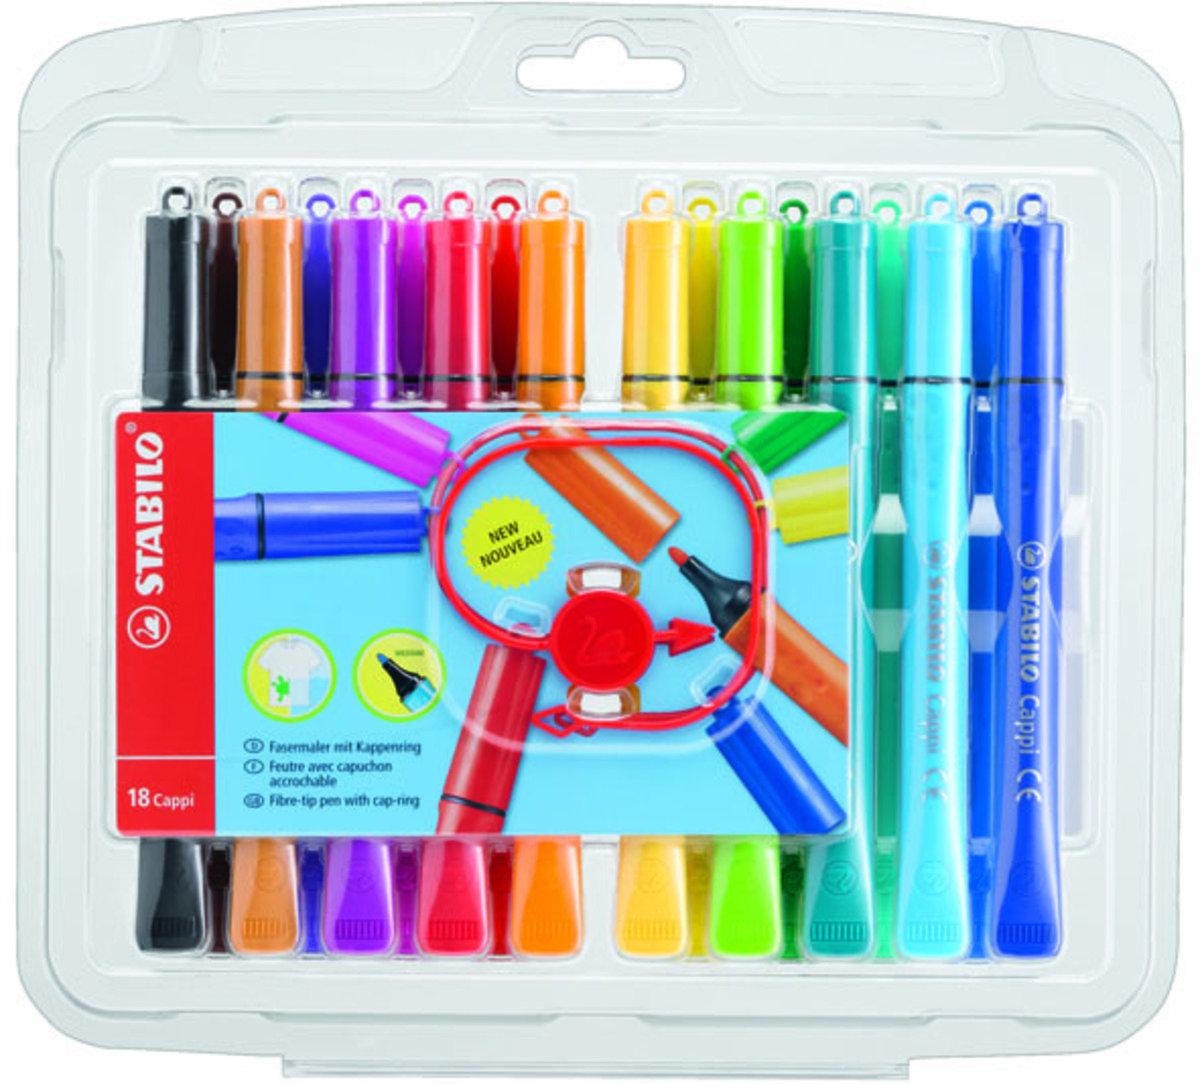 Cappi Pen 18's/wallet